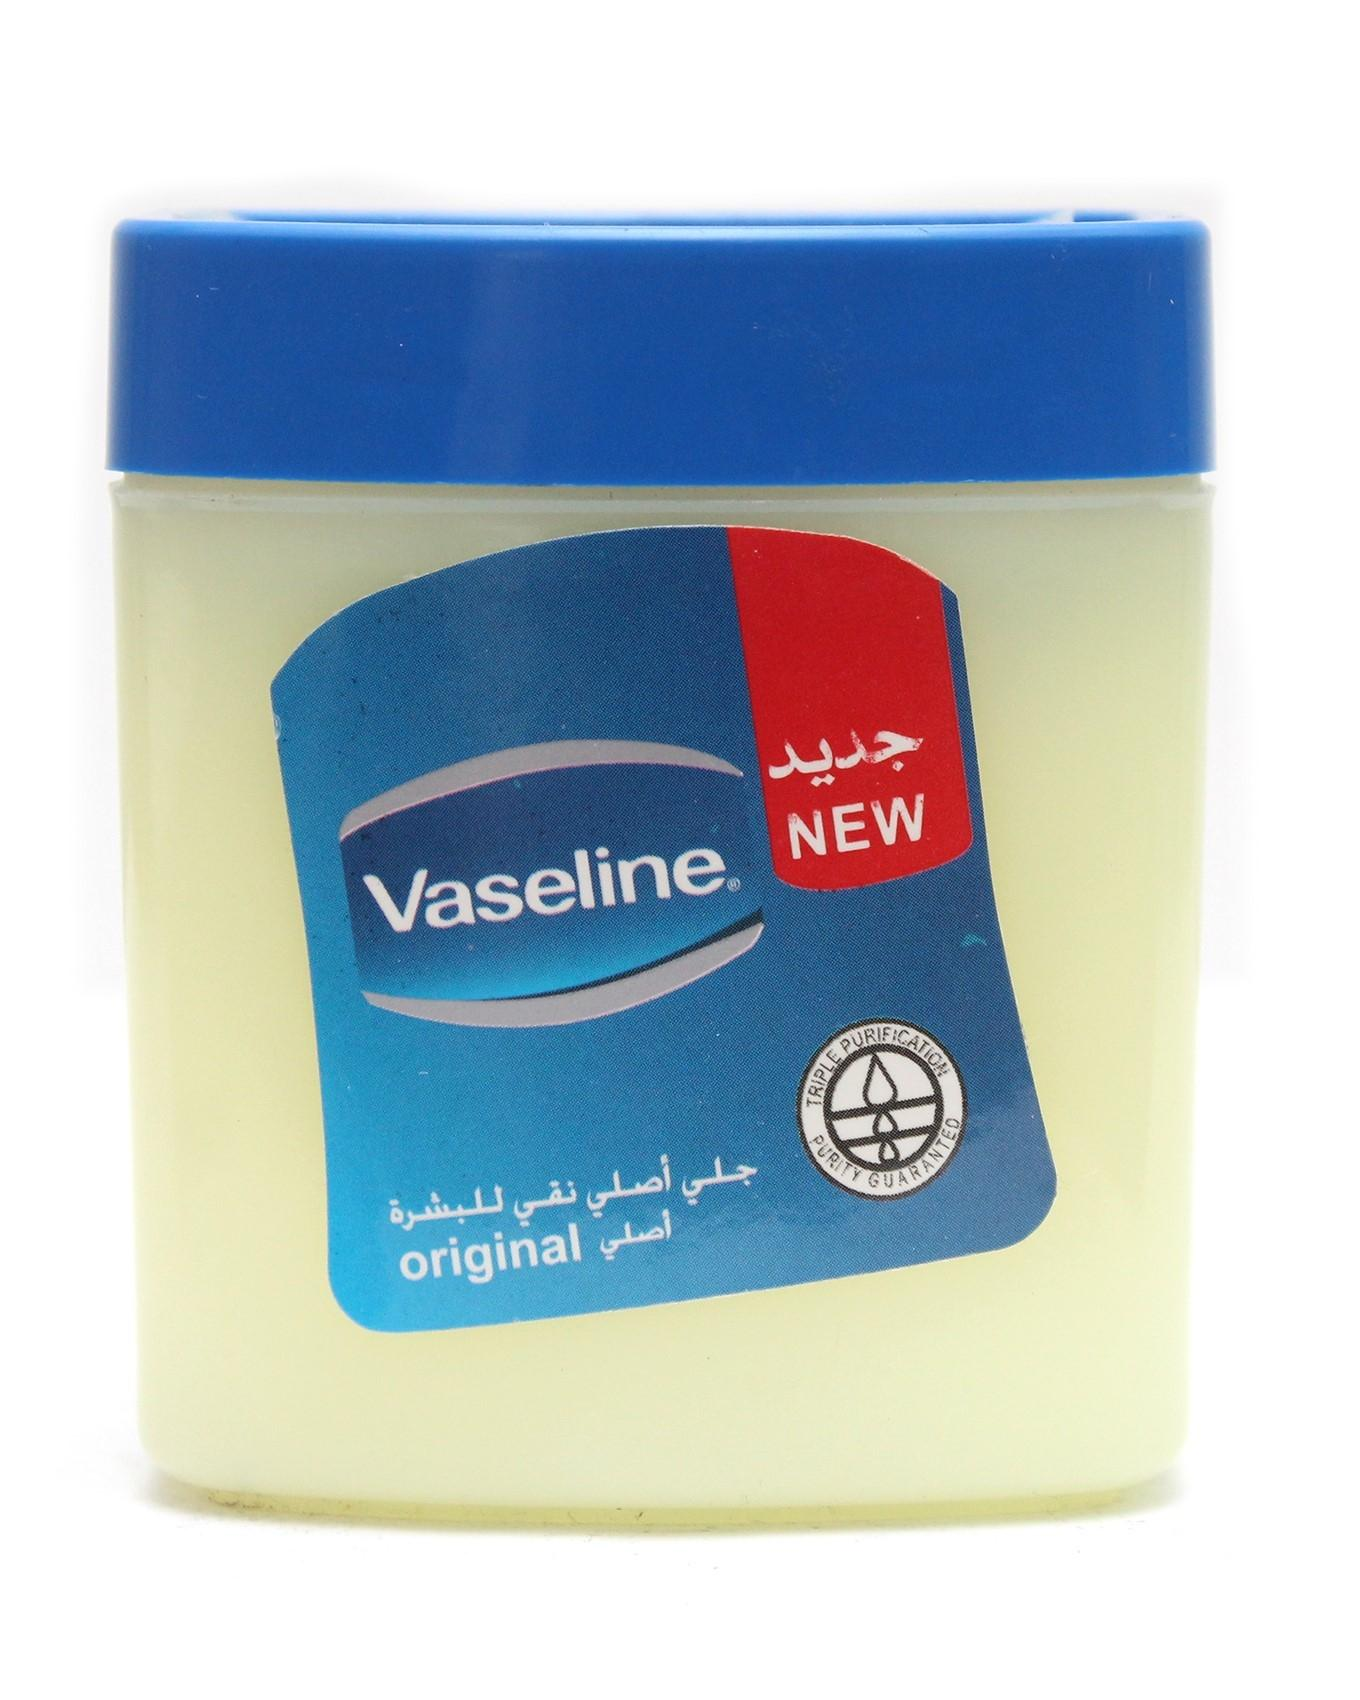 Vaseline Buy At Best Price In Srilanka Advance Strength 400 Ml Body Gel 120ml